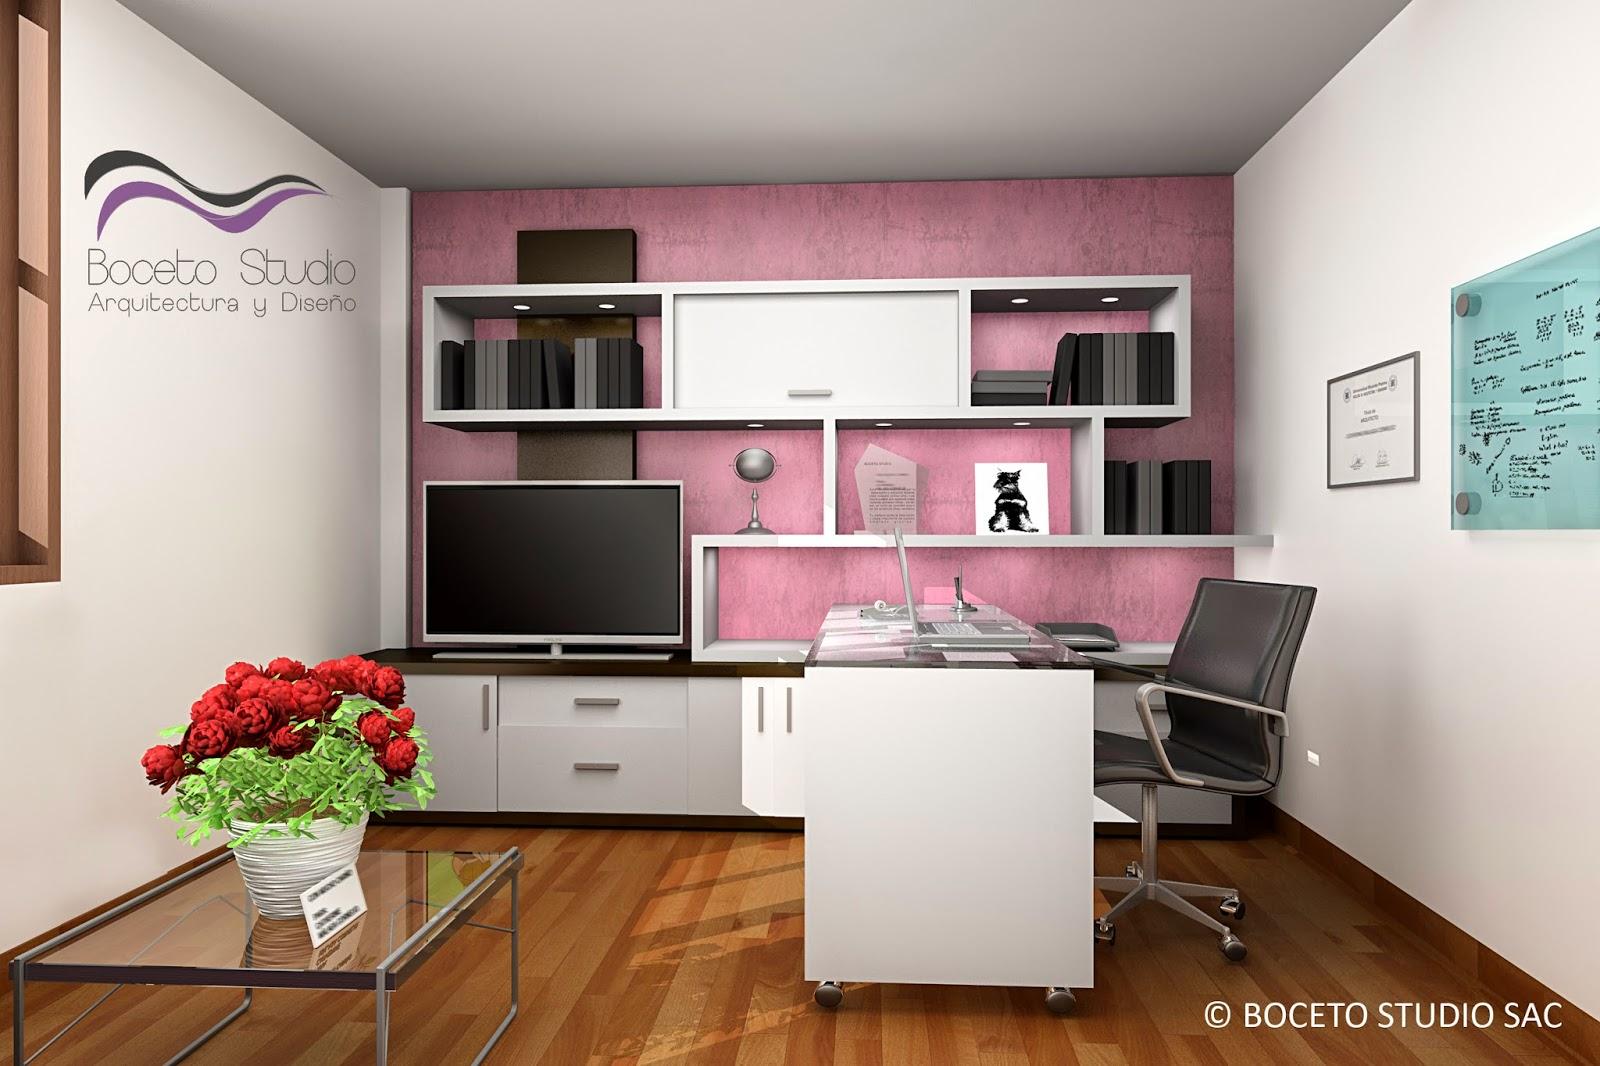 Boceto studio arquitectura y dise o cuarto de estudio y for Habitacion de estudio